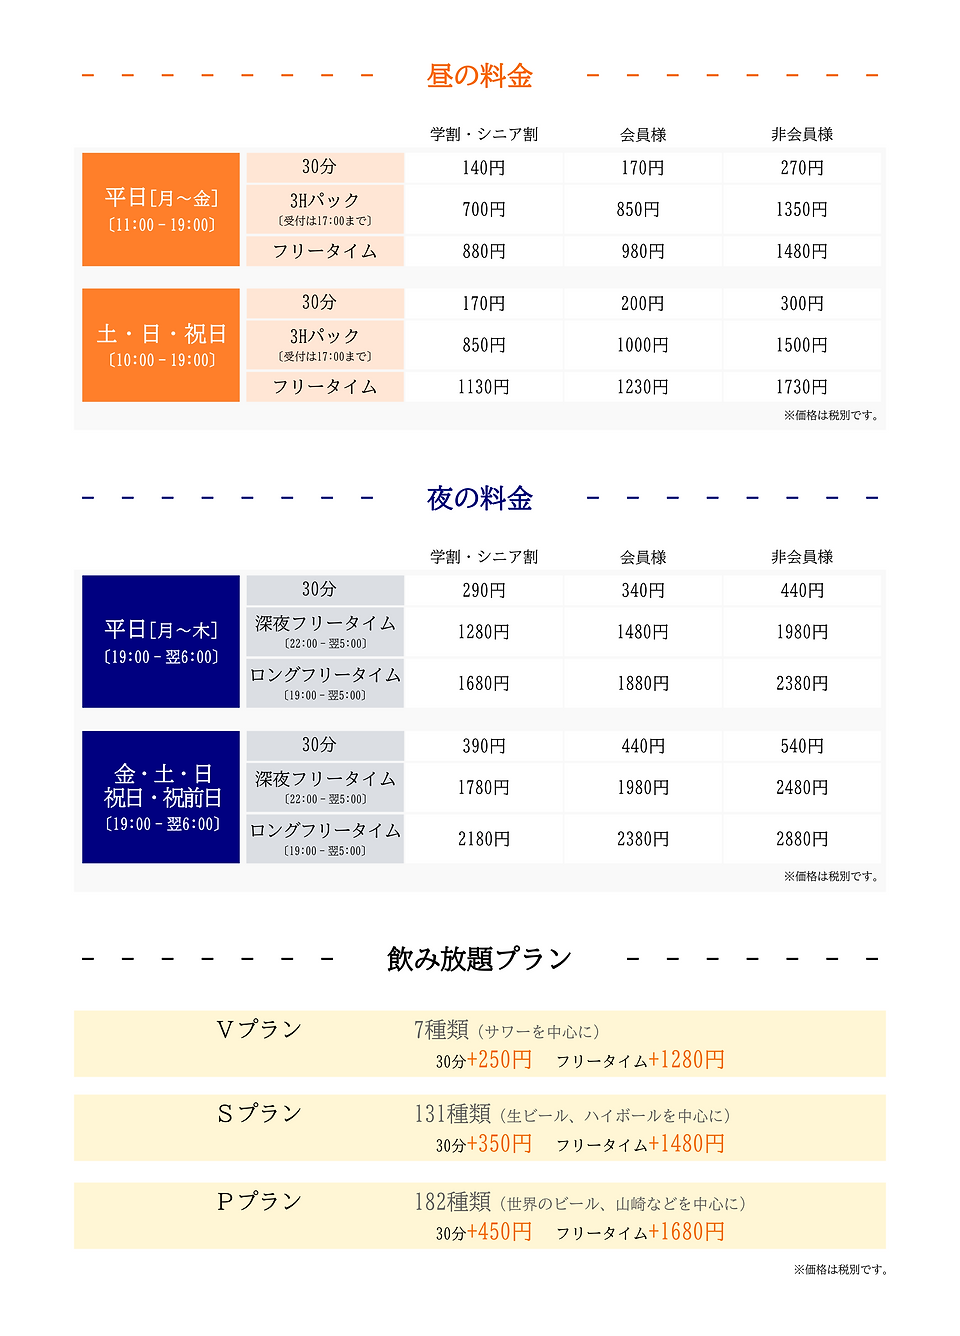 浦和料金表【新】.png